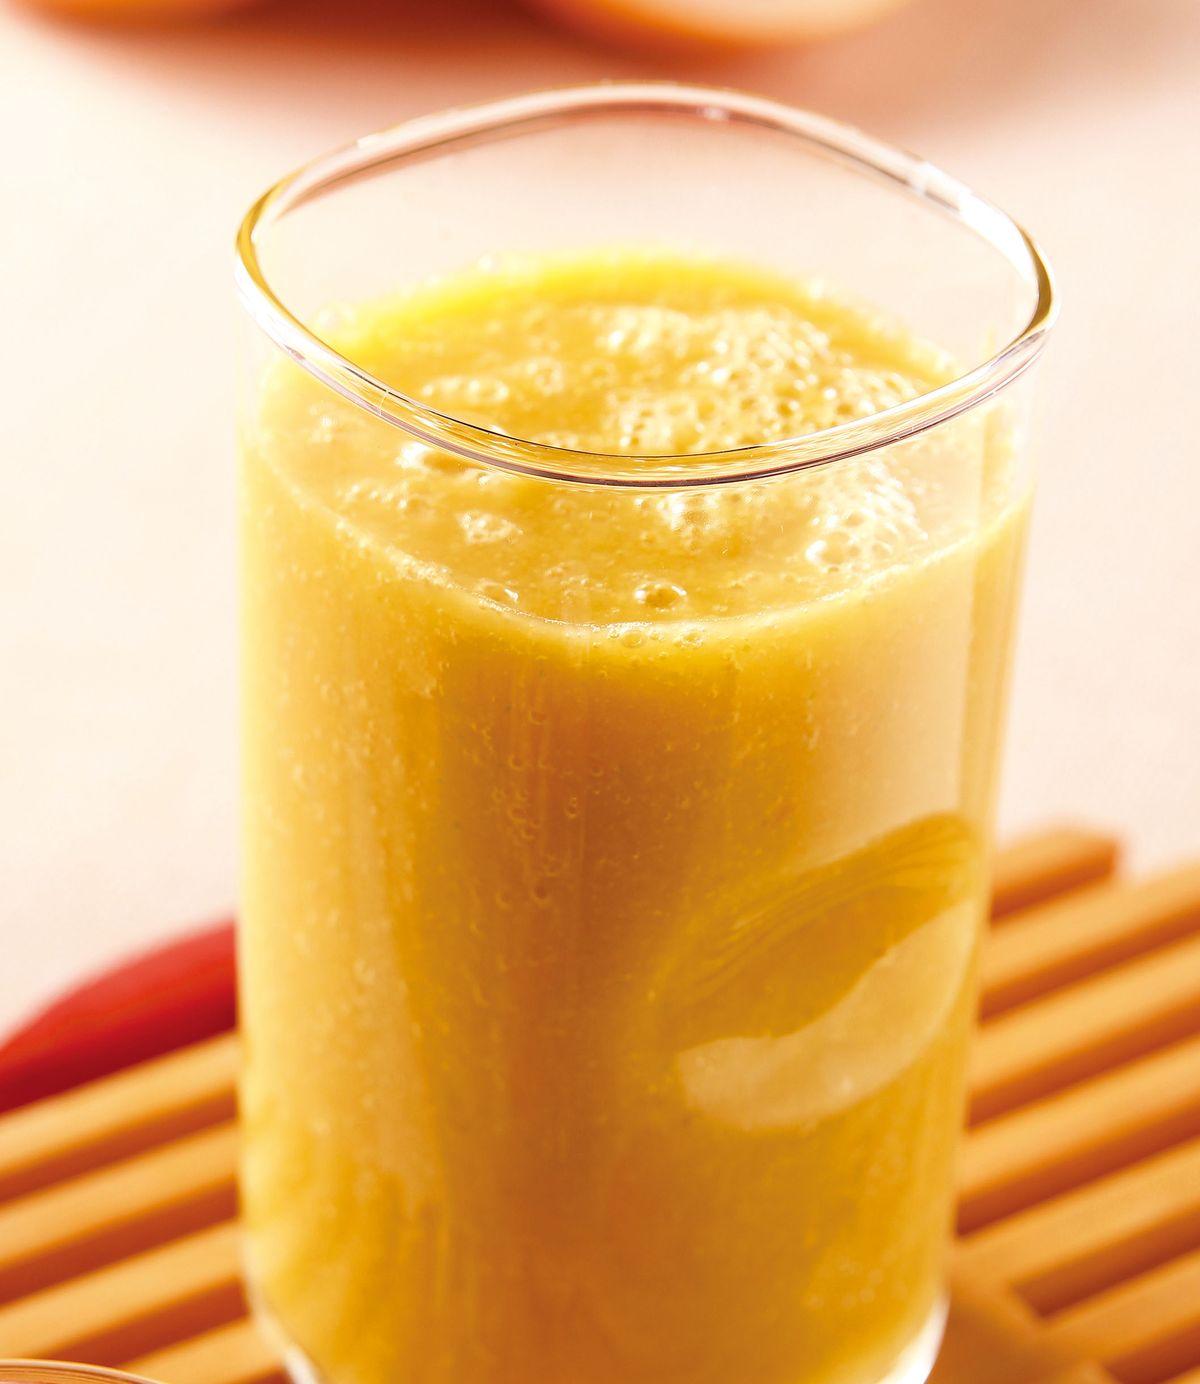 食譜:玉米葡桃柚芒果汁